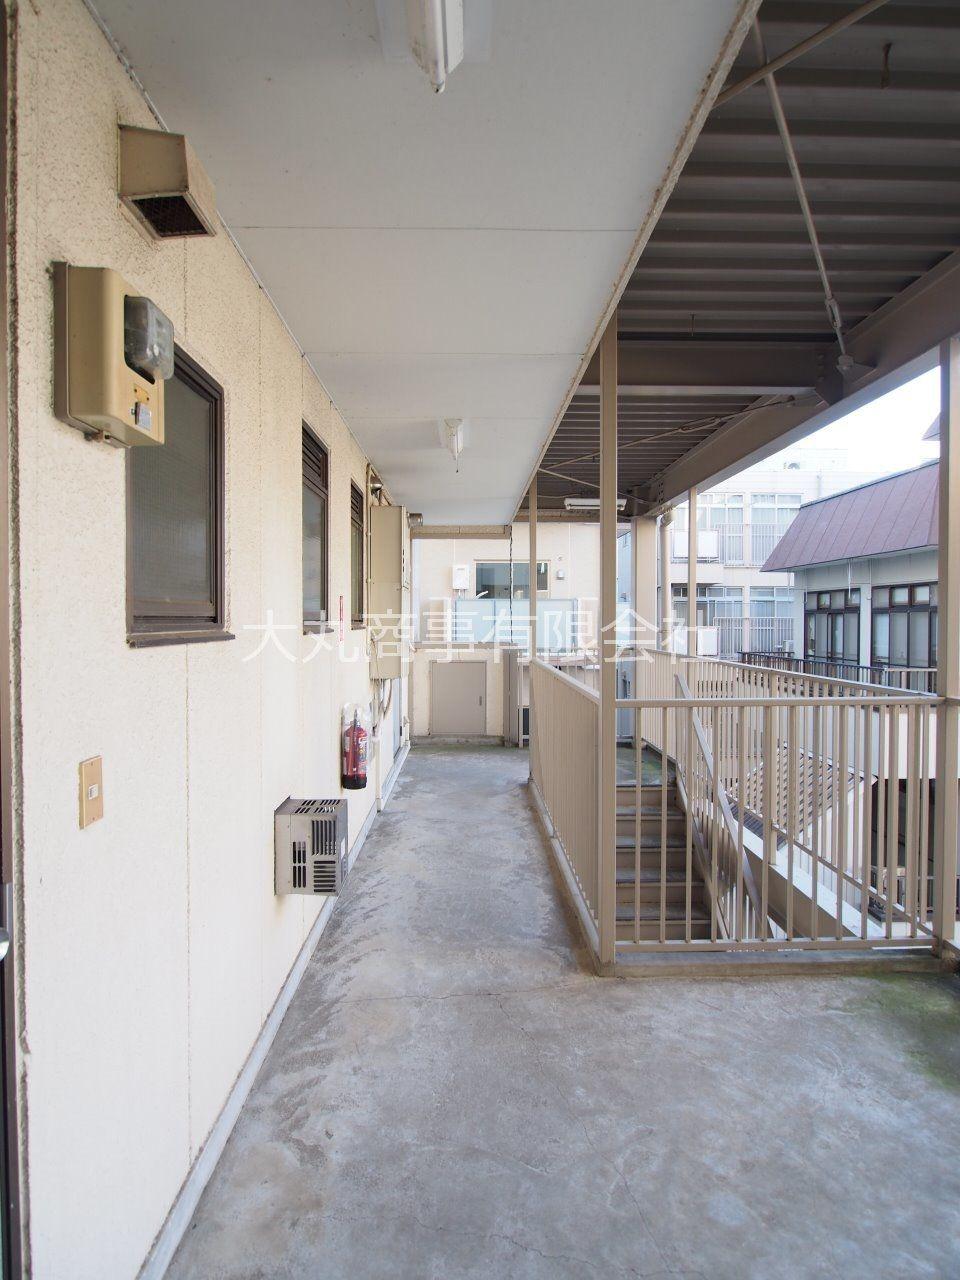 整理された共用階段と共用廊下